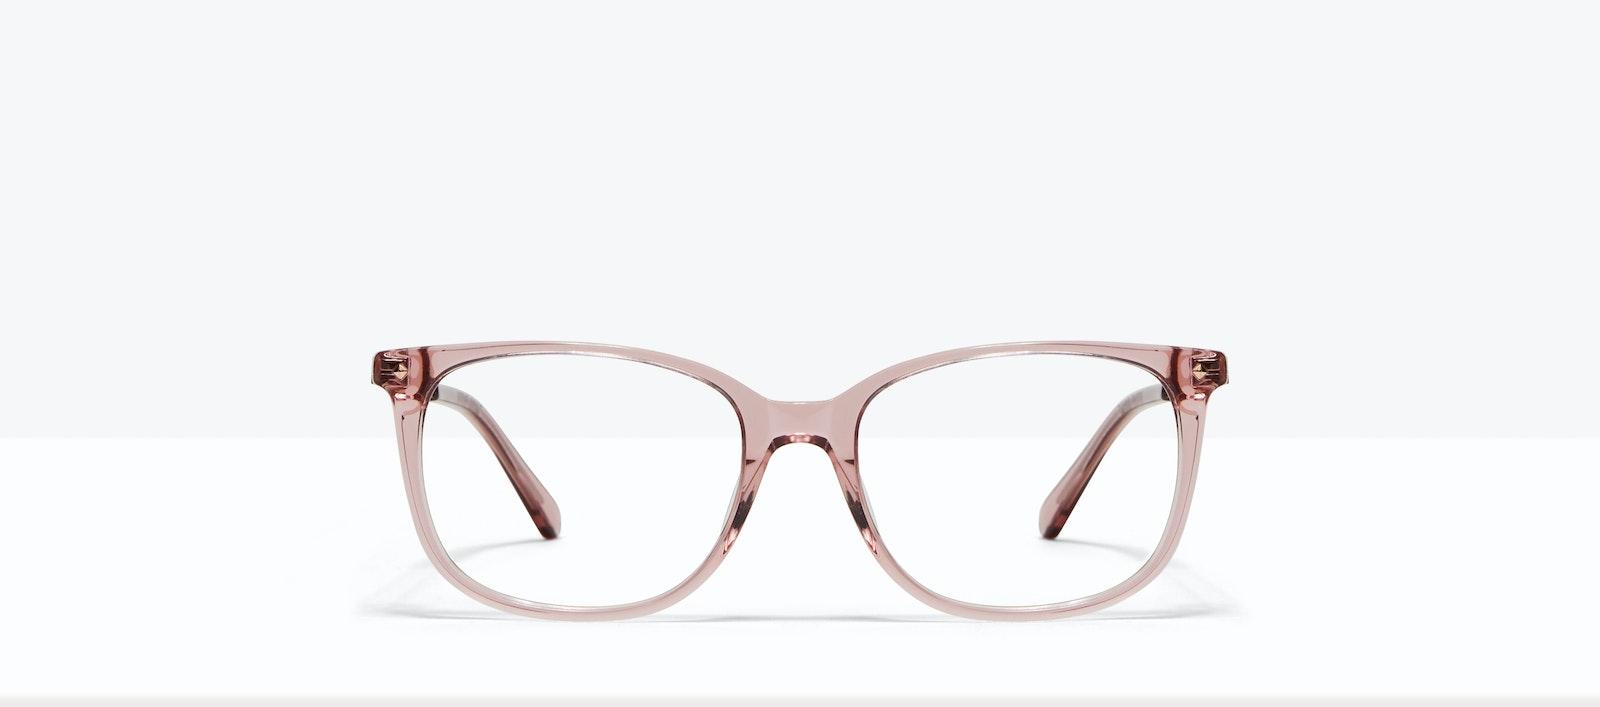 Lunettes tendance Rectangle Carrée Lunettes de vue Femmes Refine Rose Face